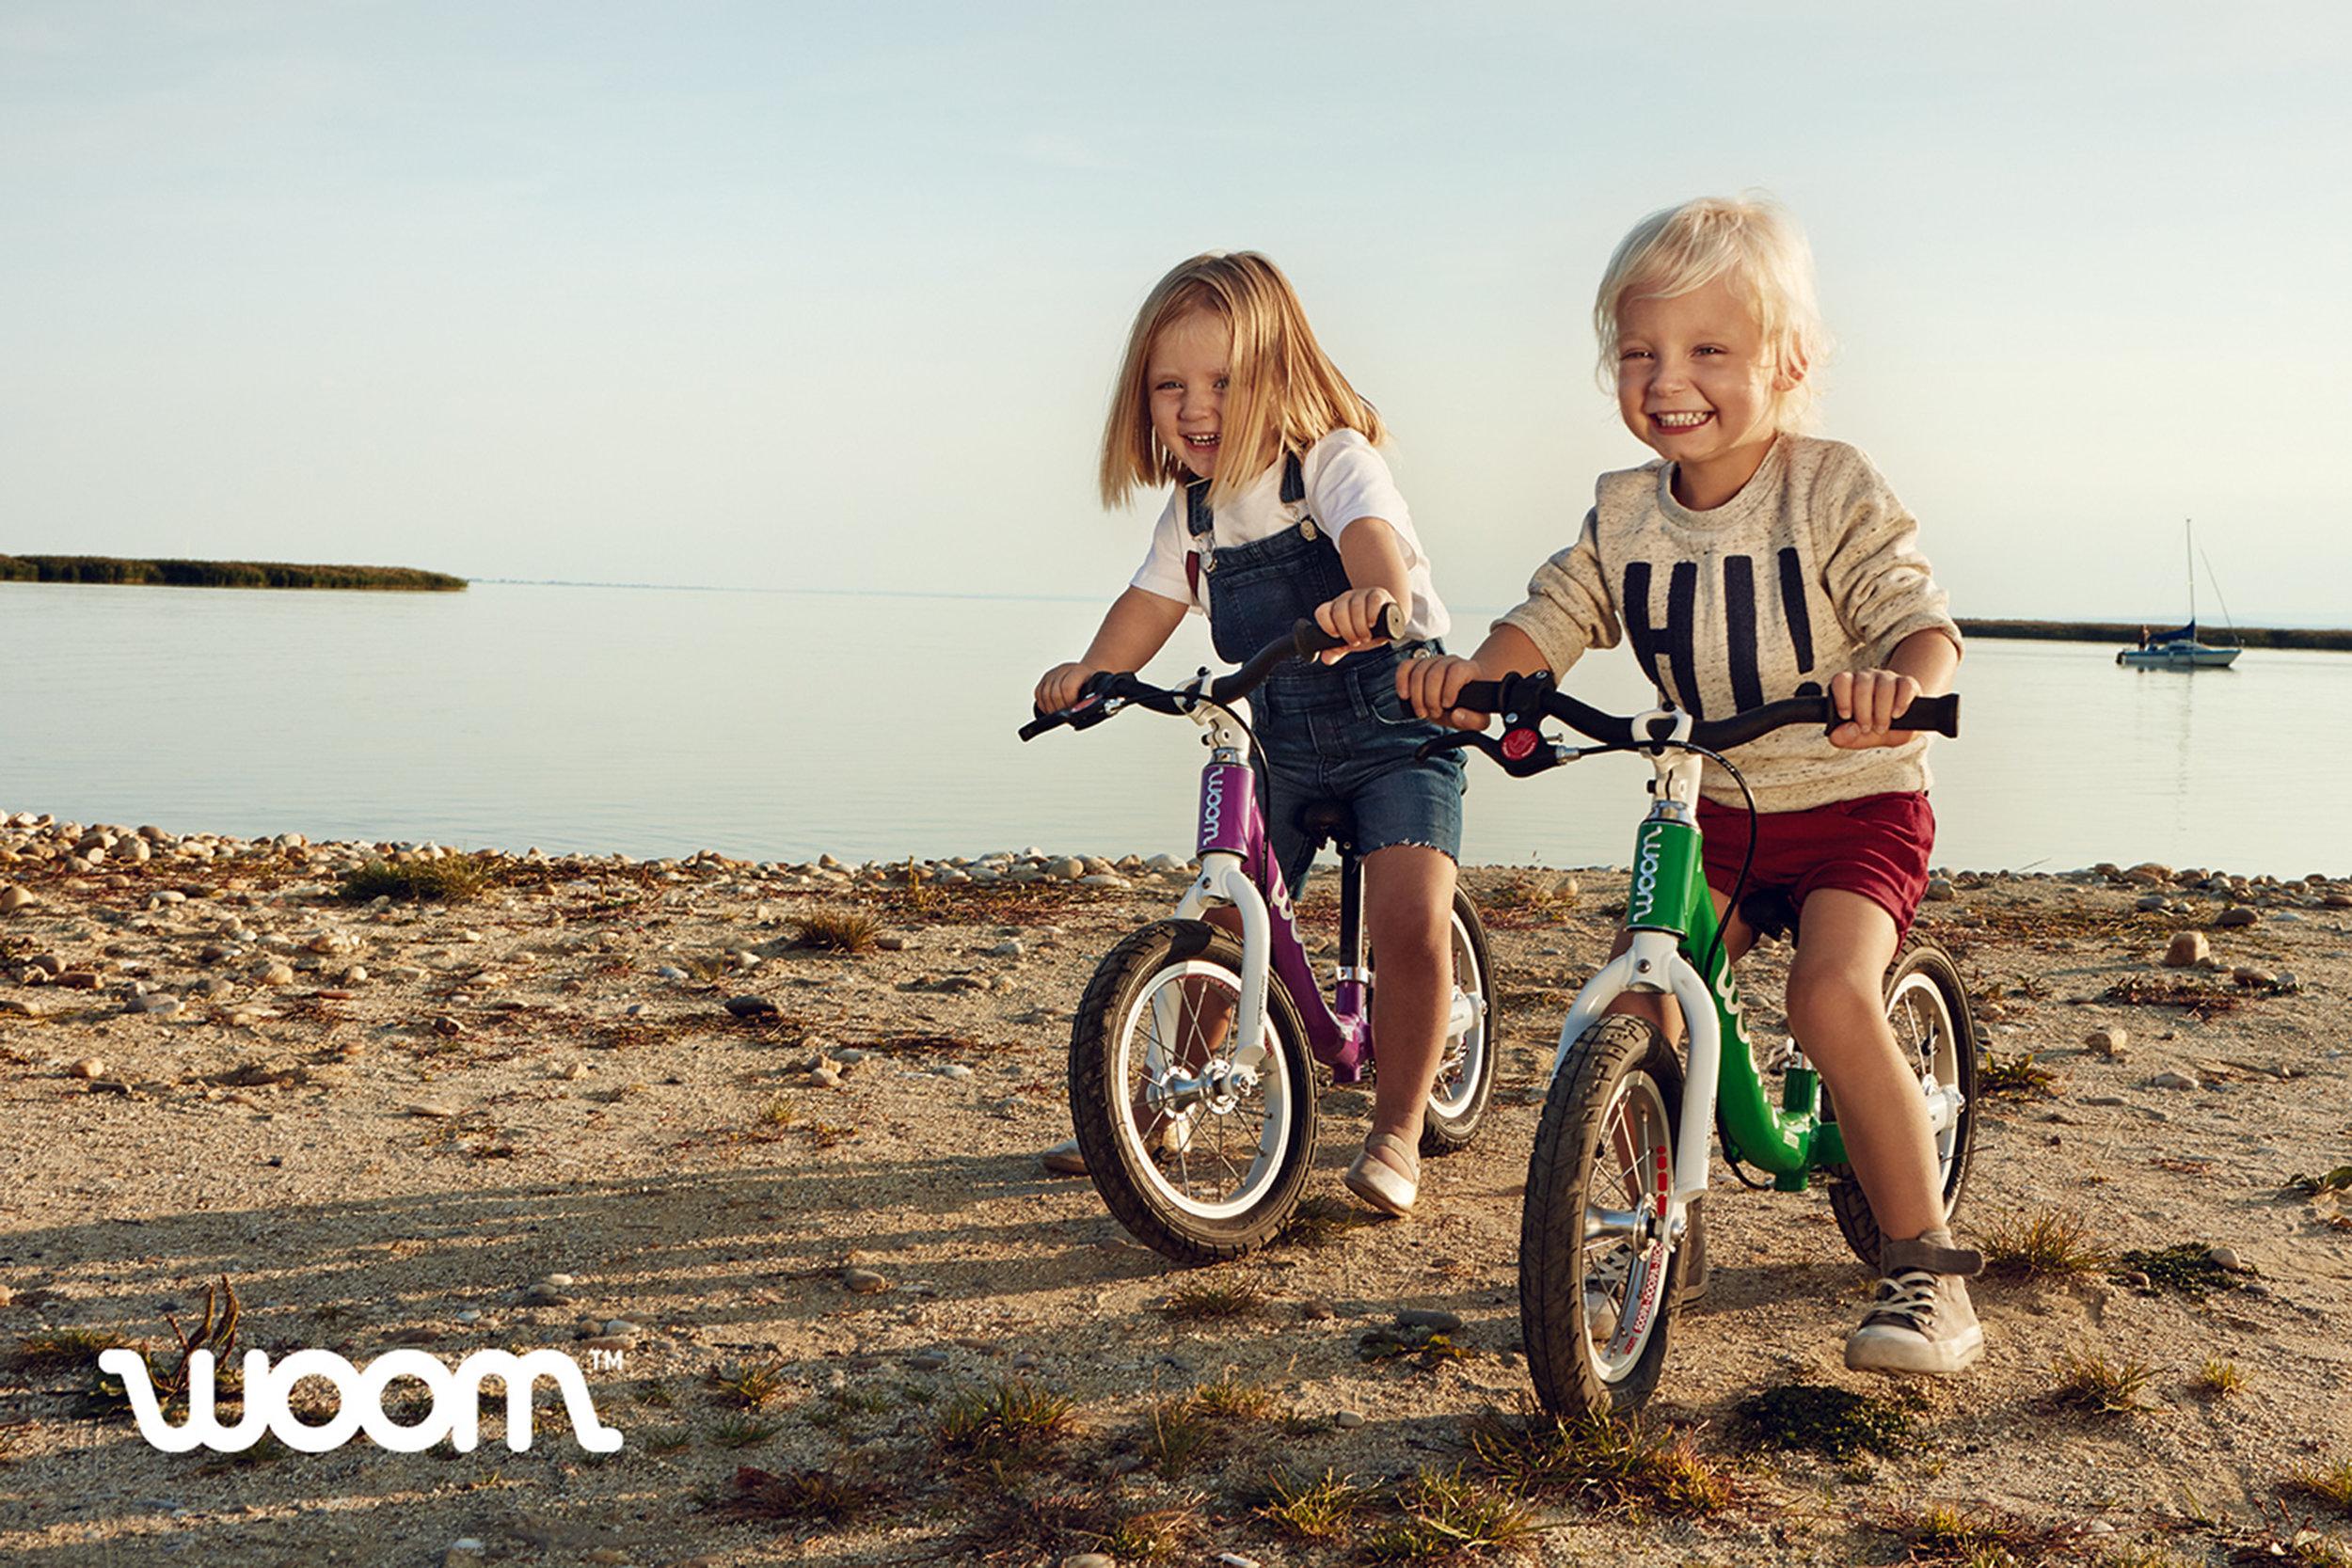 Ilve Little small children on bikes on beach